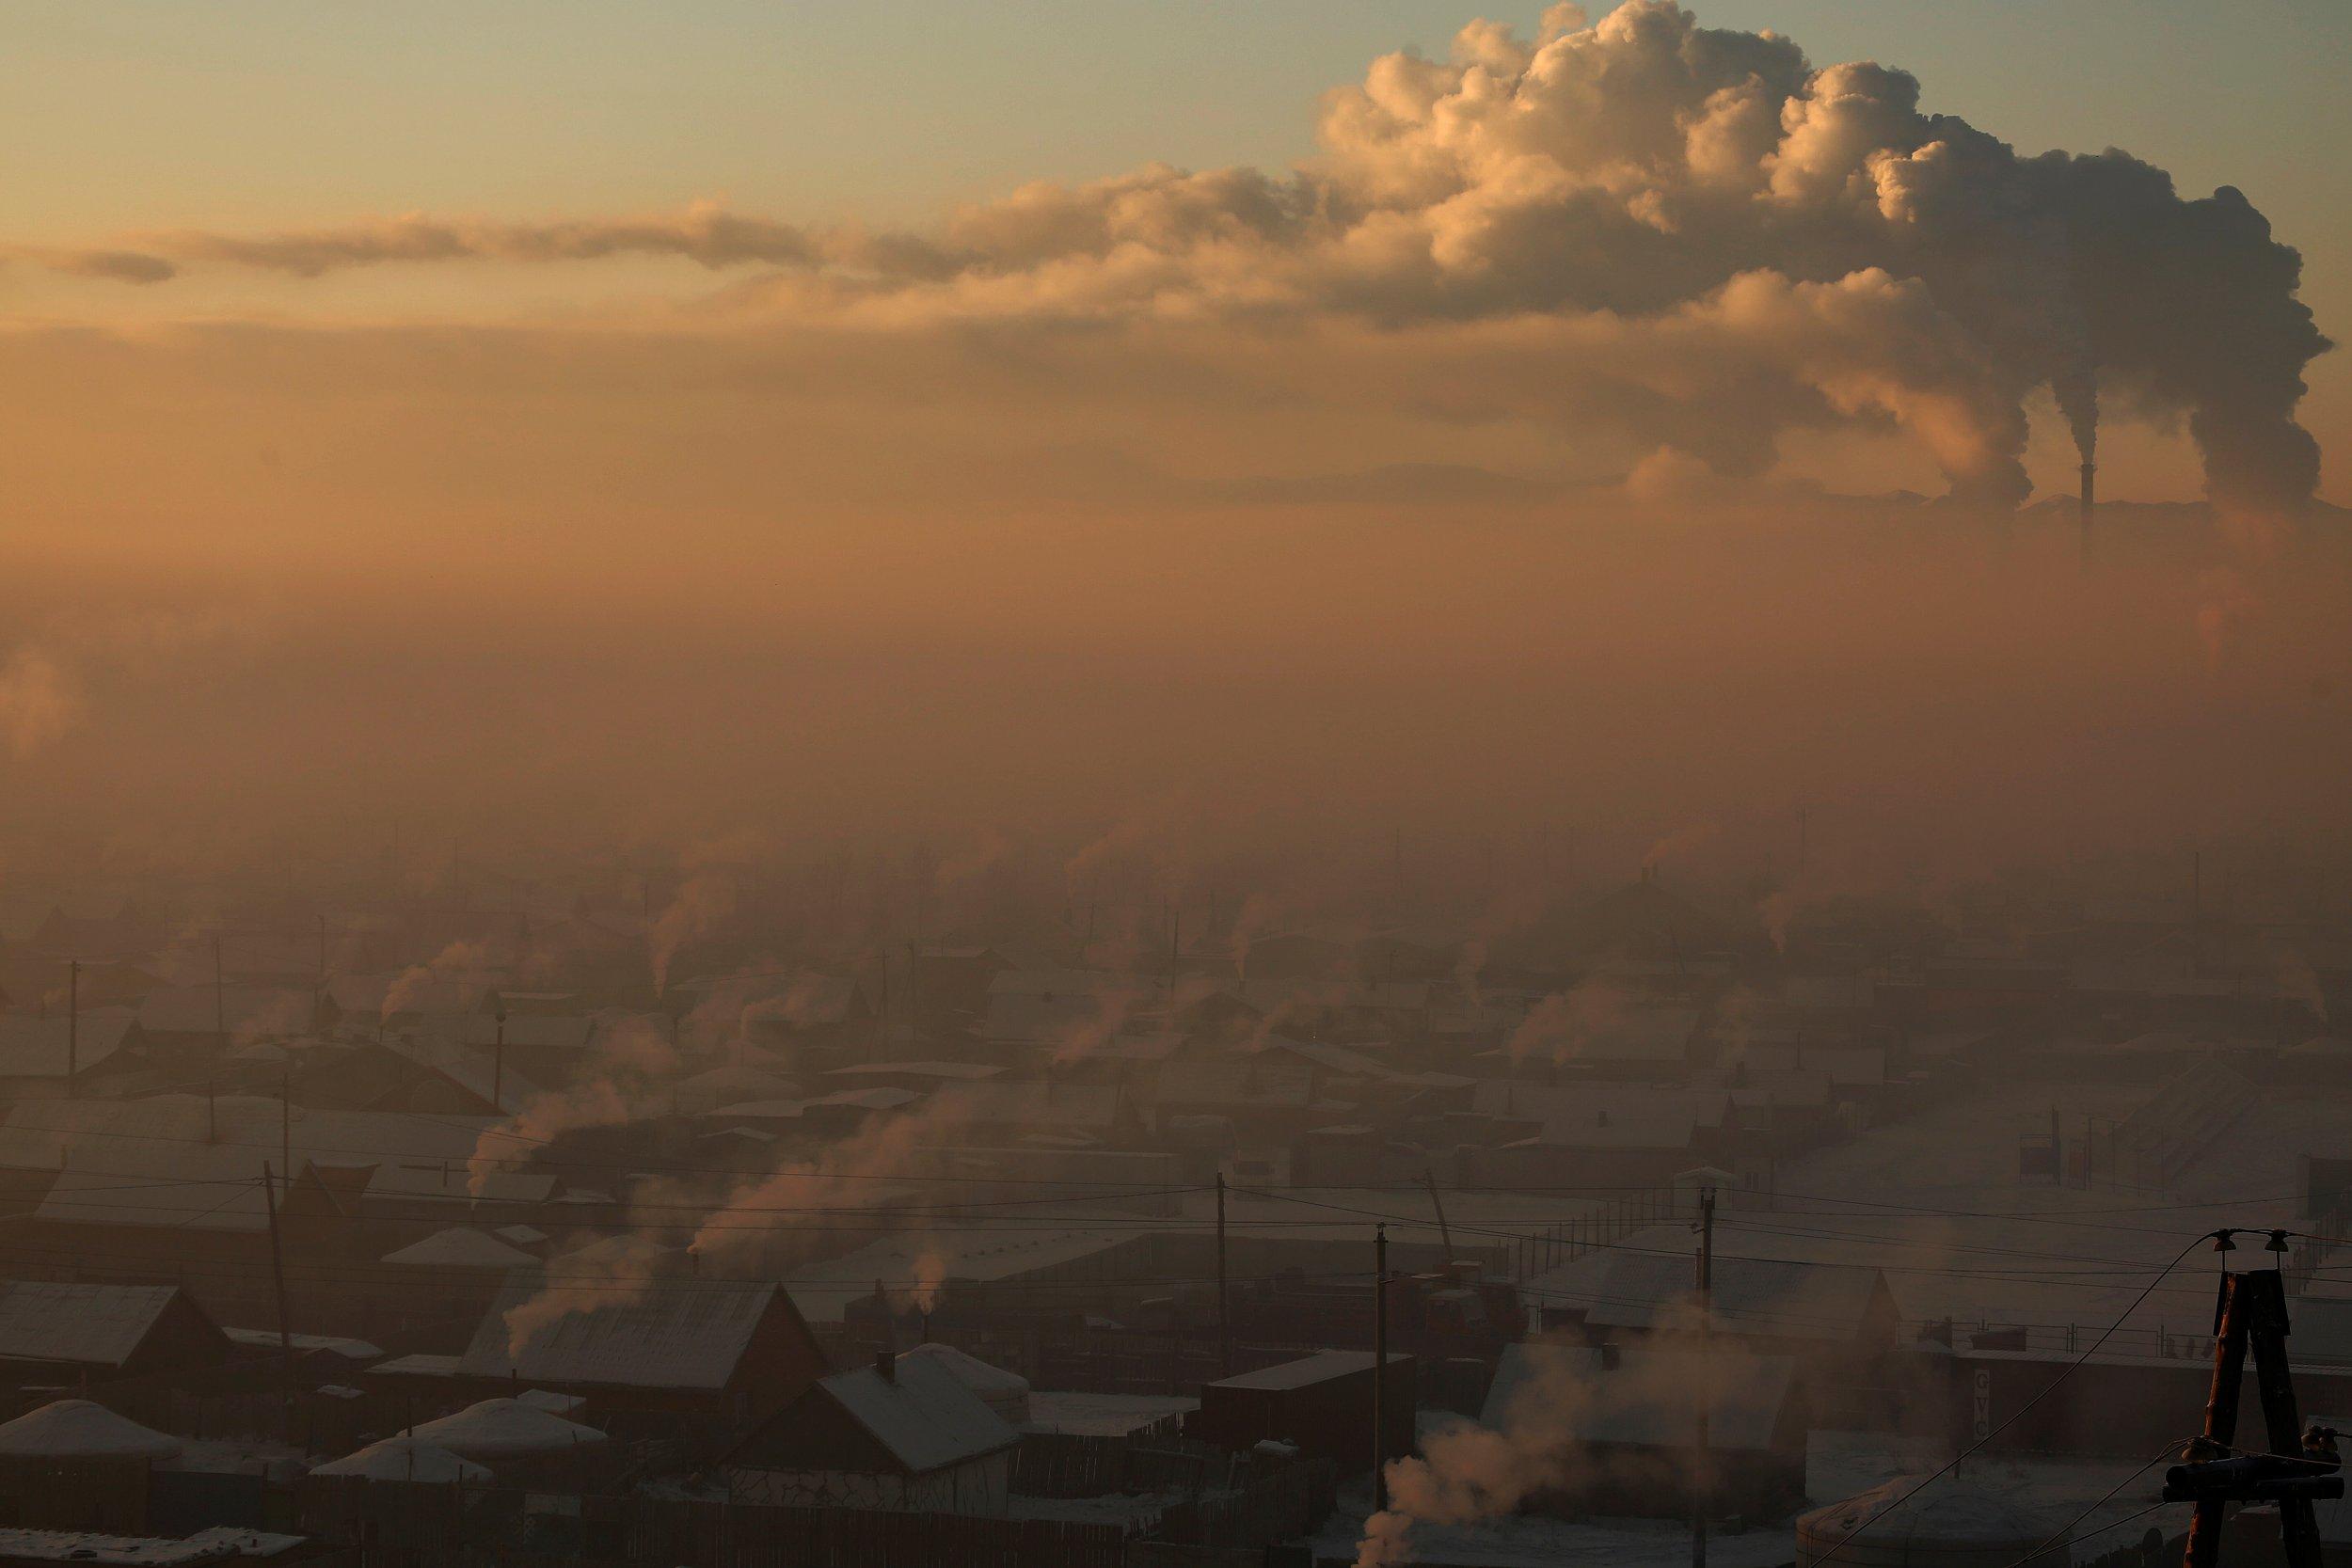 【画像】お前らの頭の中にあるモンゴル⇒広大な草原、青い空、牧歌的な風景  [952438327]->画像>15枚